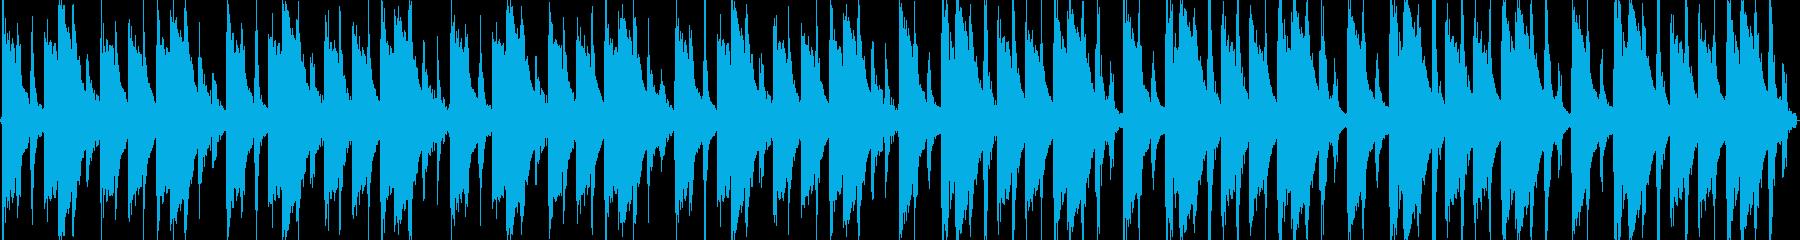 ラテンなリズムループですの再生済みの波形